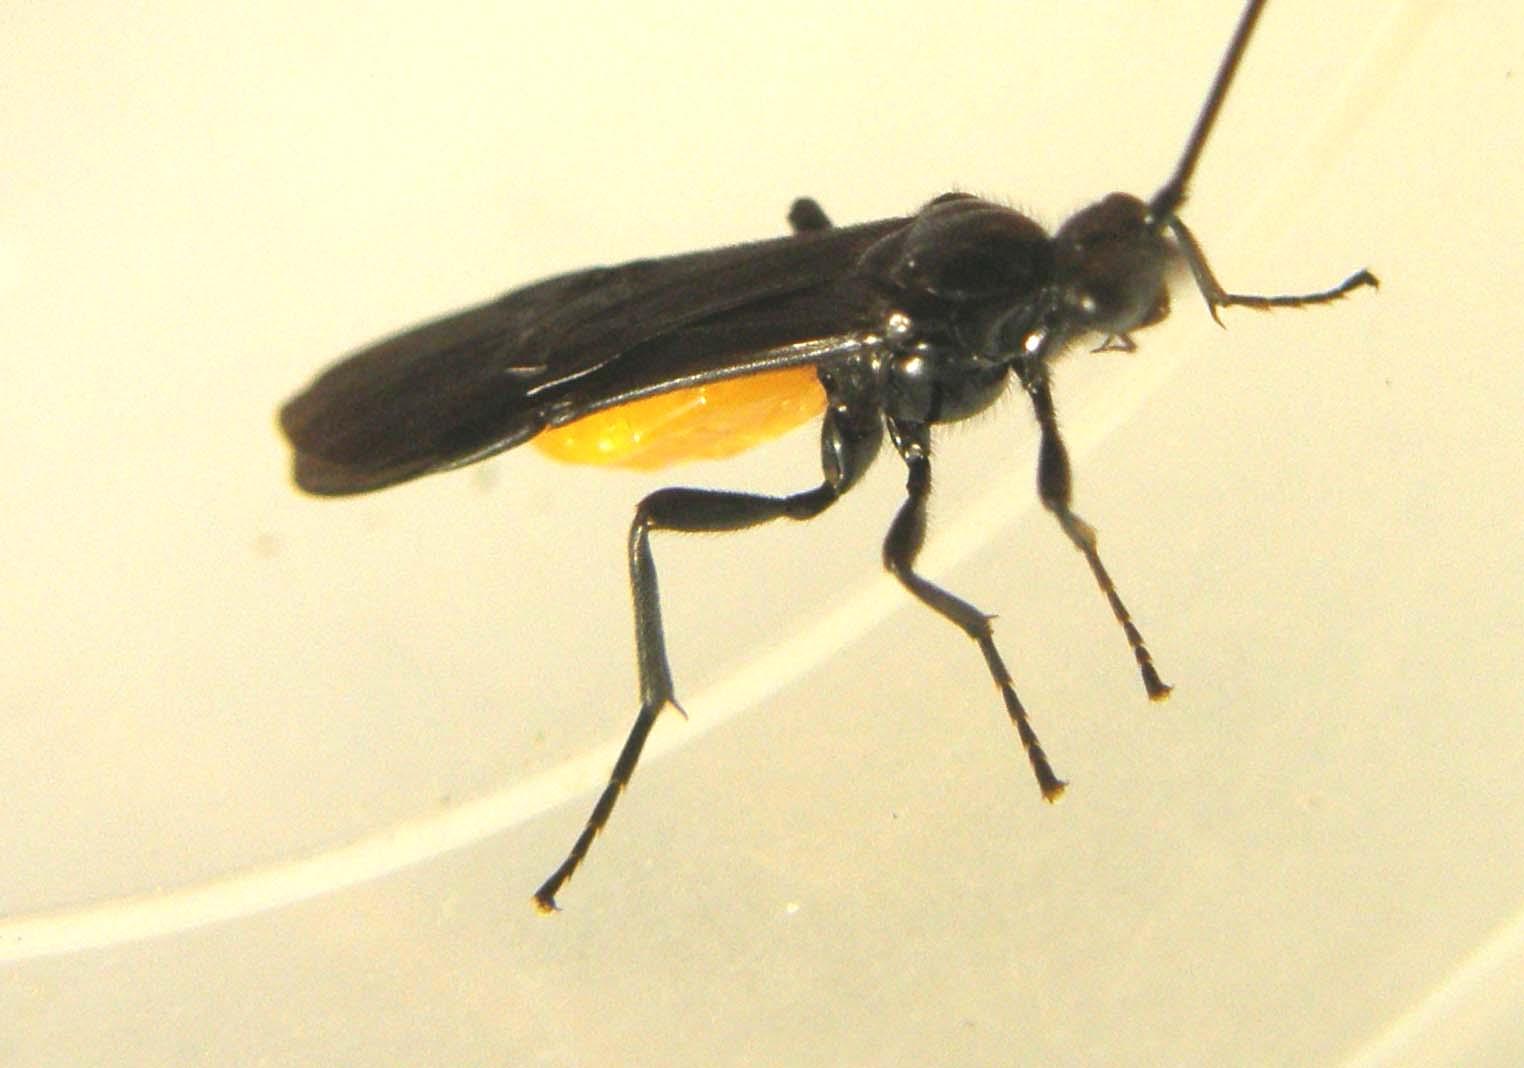 Elicottero Nero E Giallo : Nero con addome giallo arancio braconidae forum natura